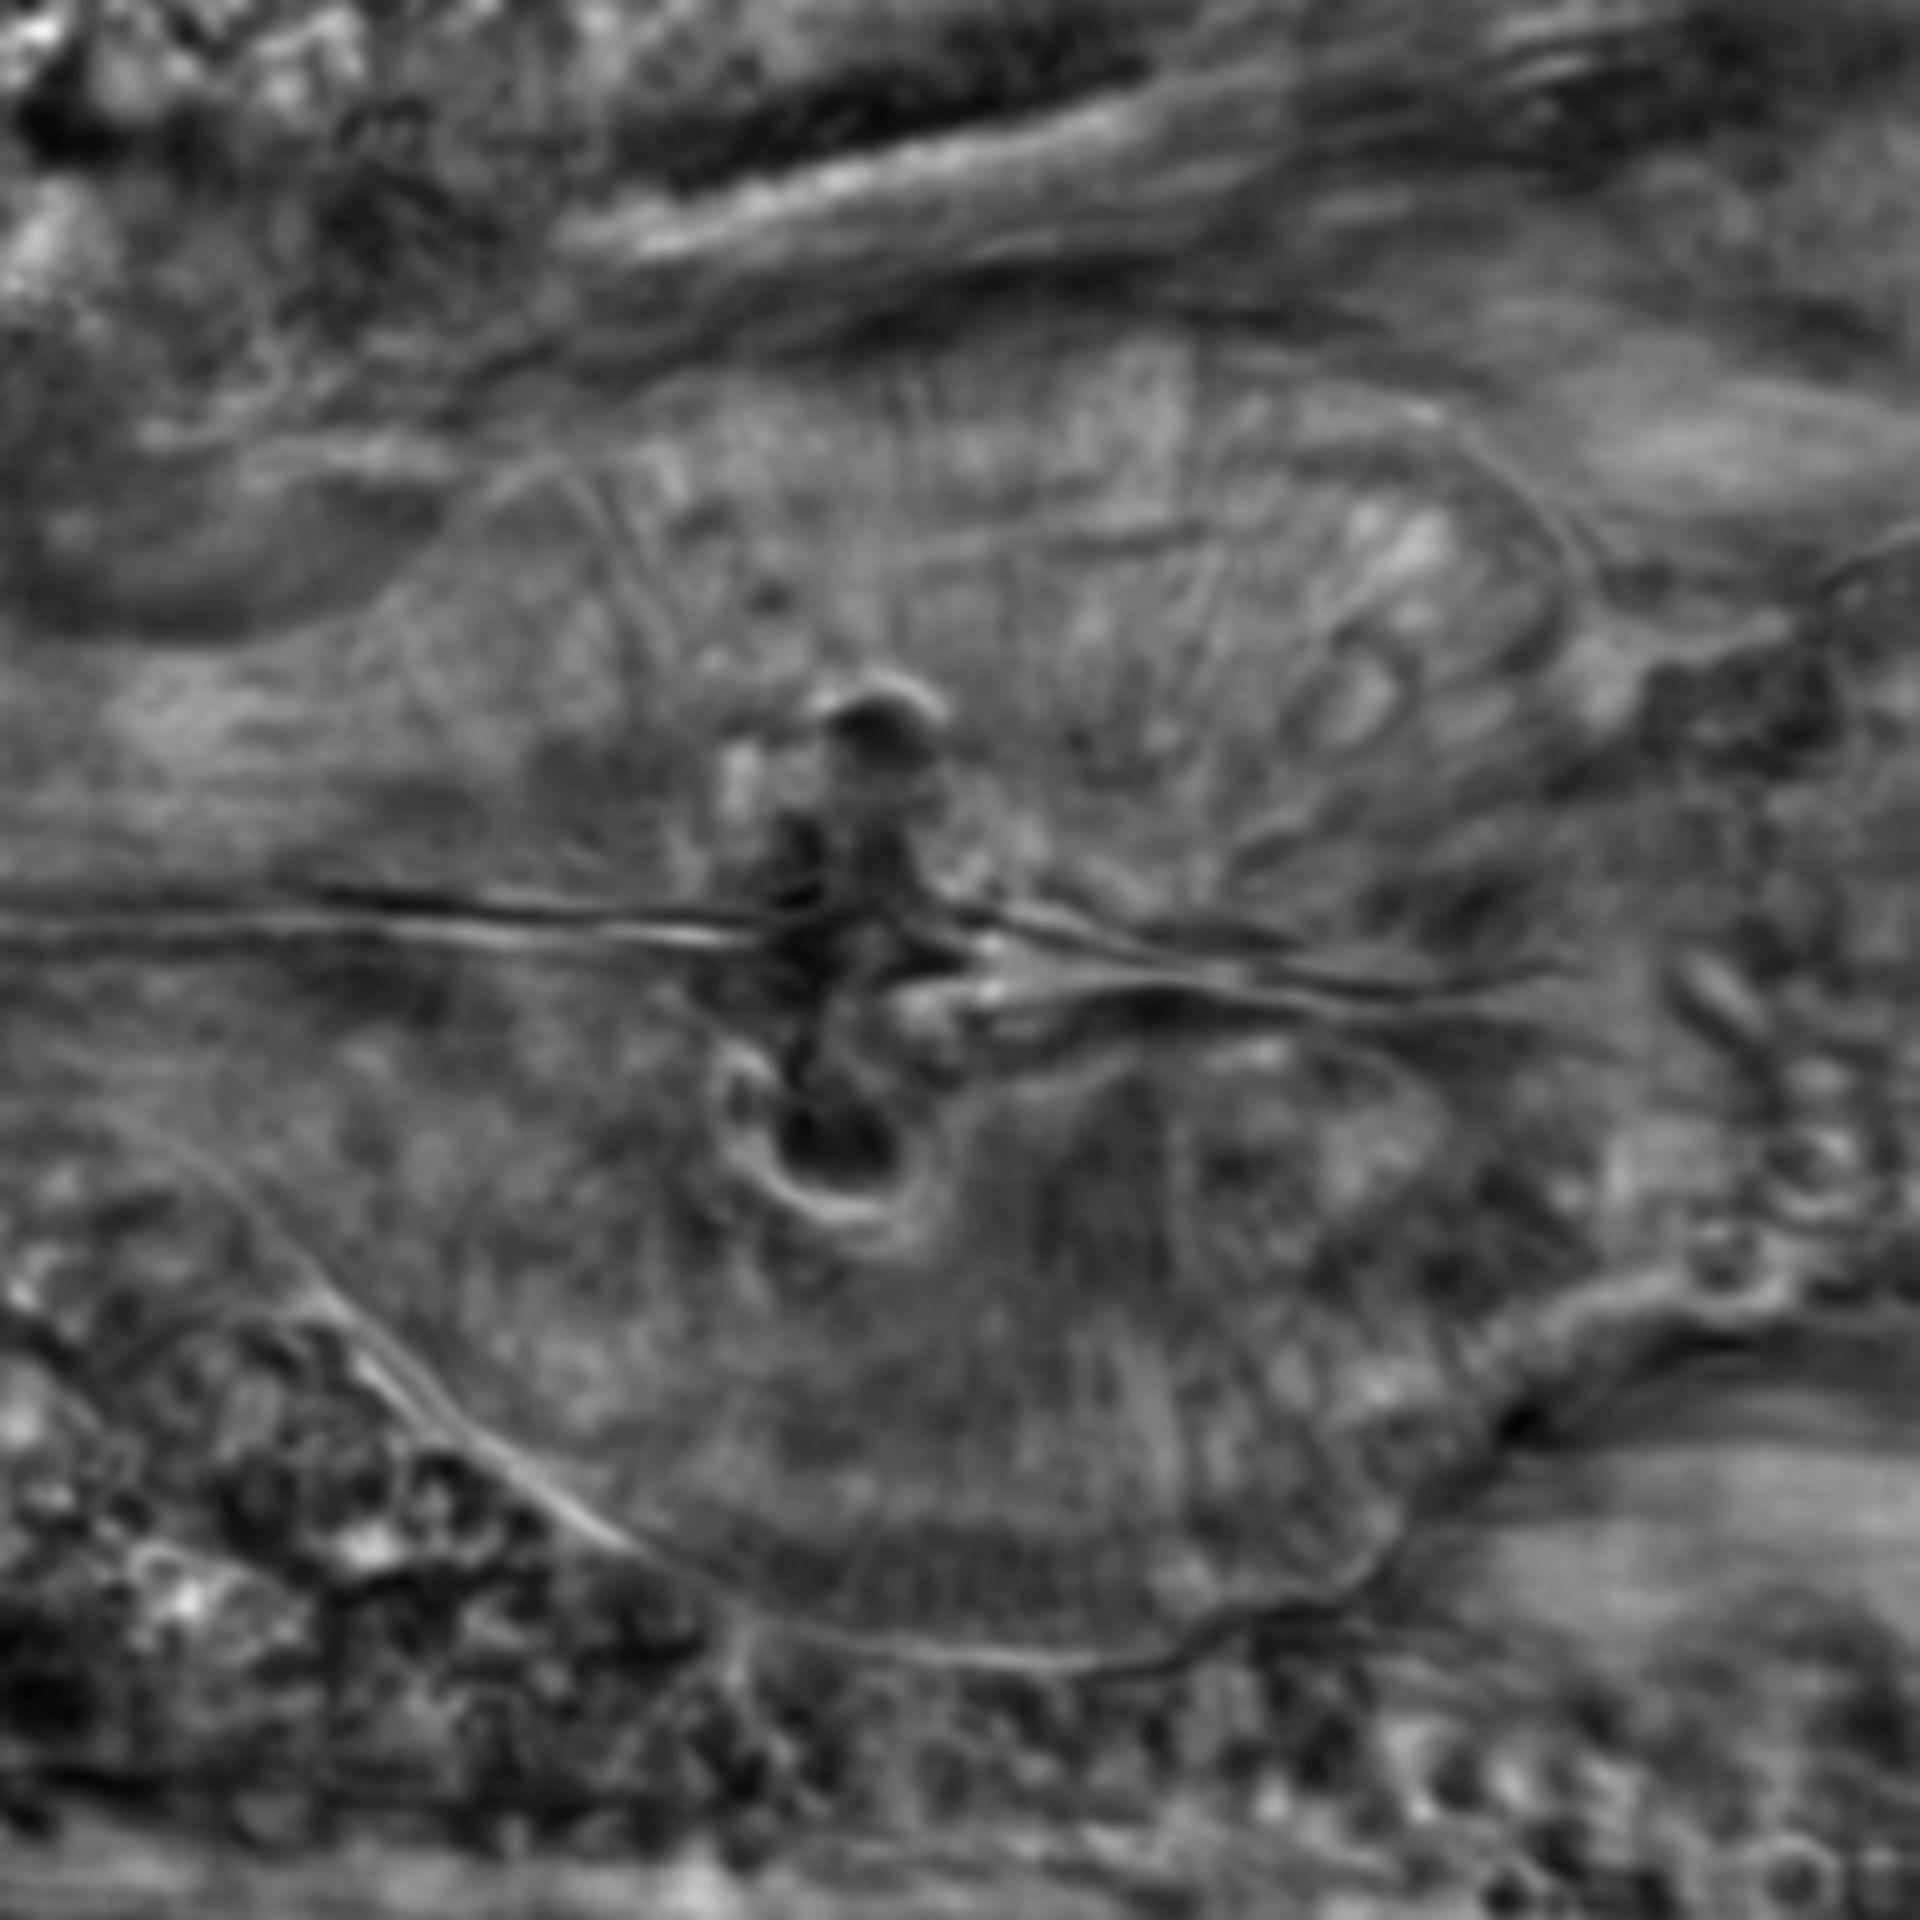 Caenorhabditis elegans - CIL:2237